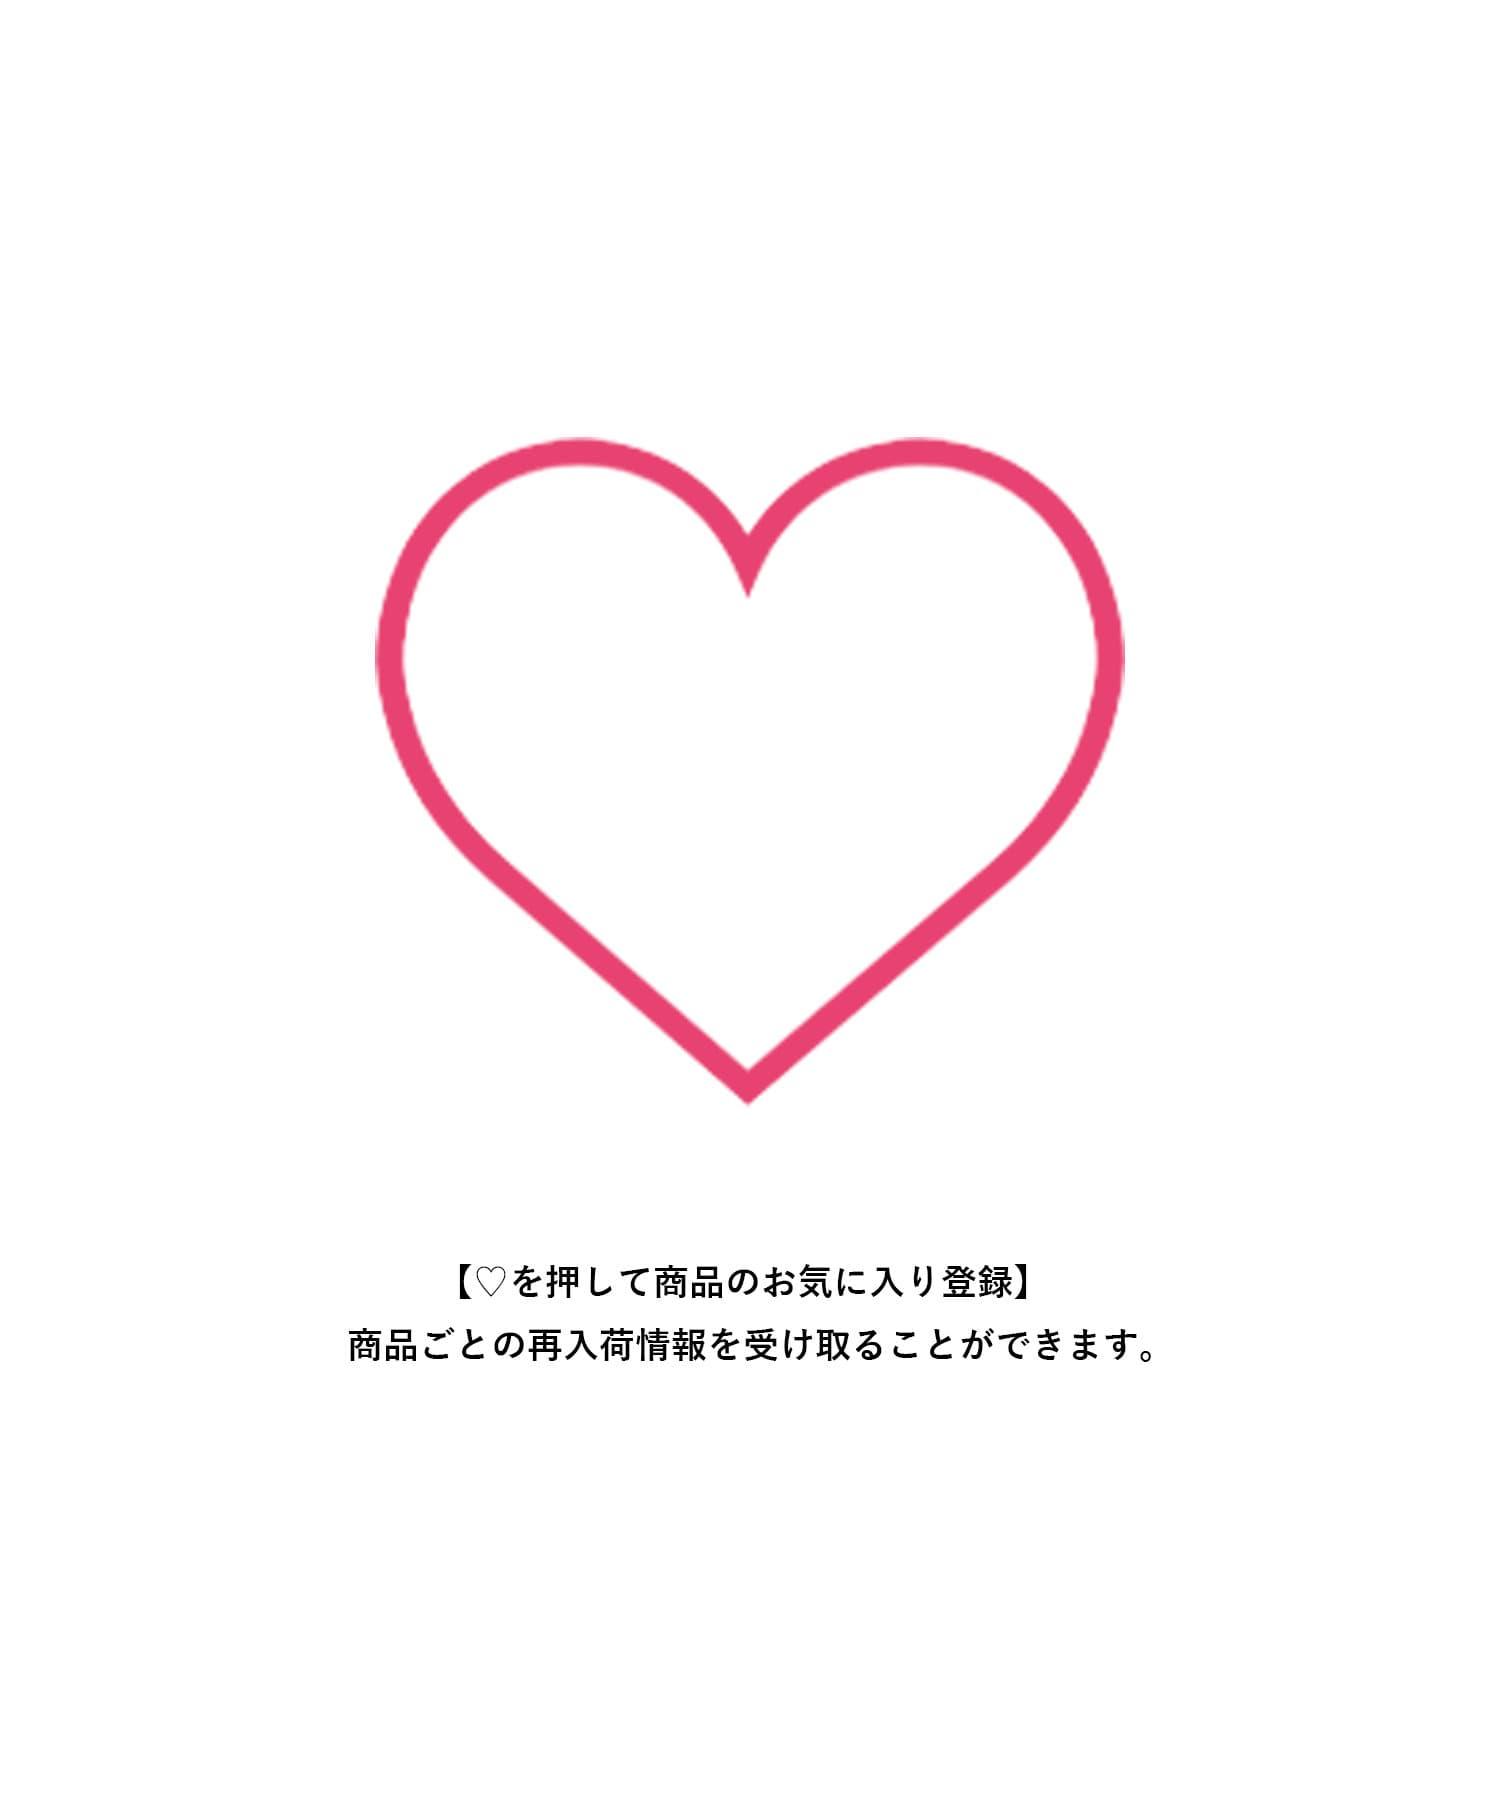 COLLAGE GALLARDAGALANTE(コラージュ ガリャルダガランテ) 【ふんわり+メリハリ】サイドオープンプルオーバー